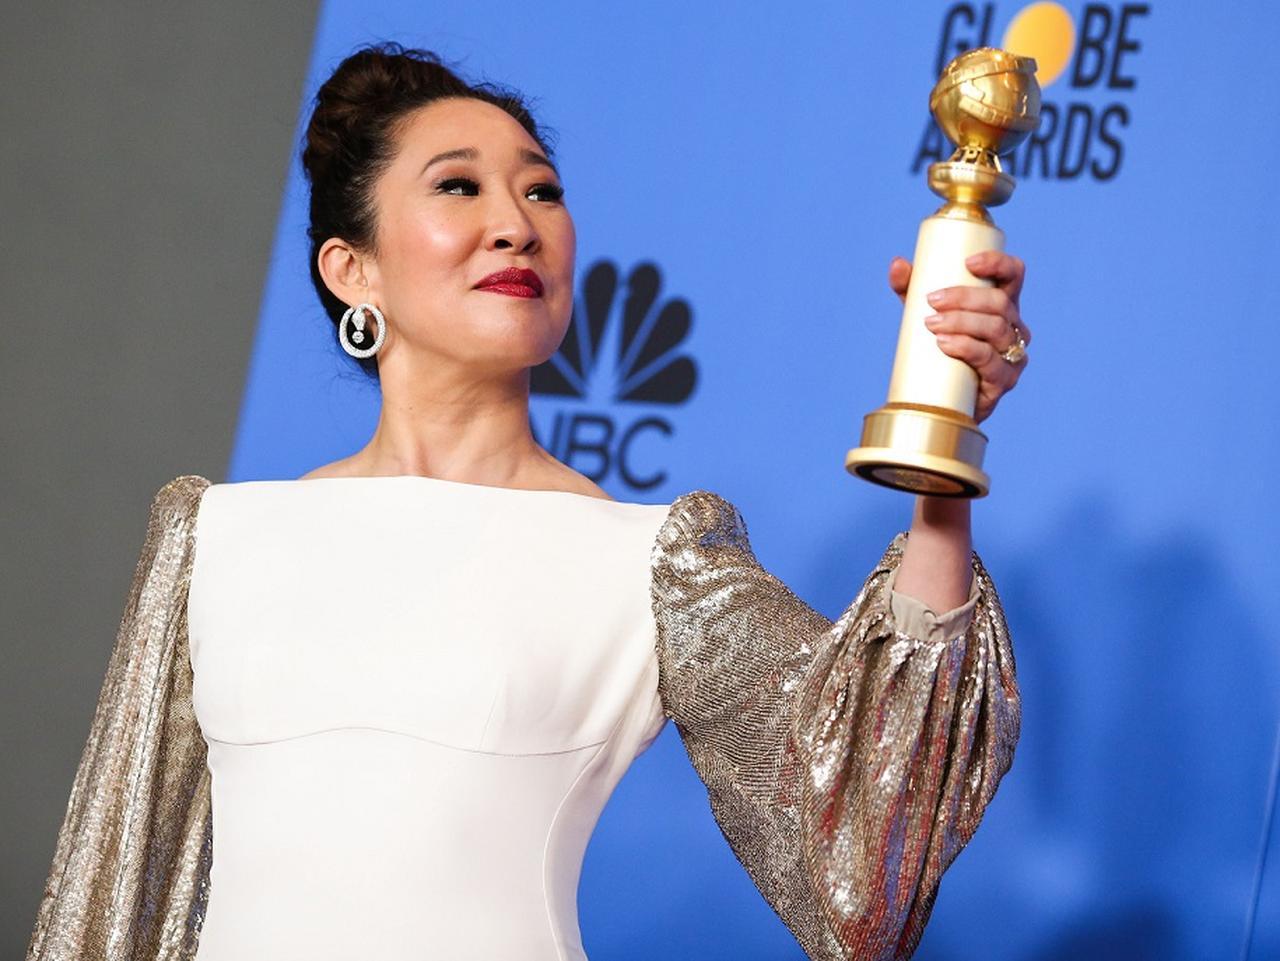 画像: 授賞後、プレスルームで受賞トロフィーを誇らしげに掲げて。